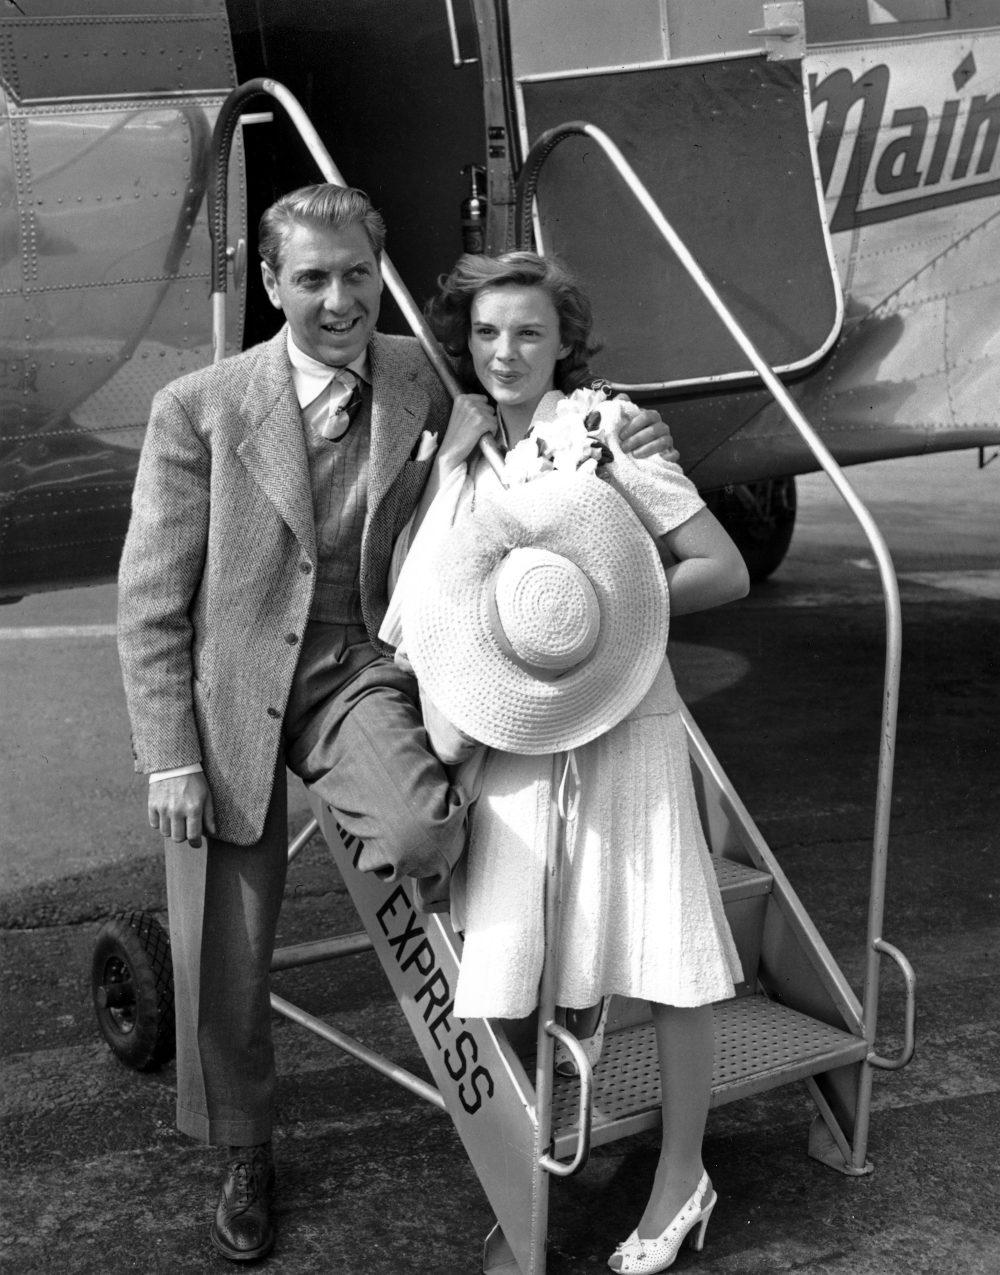 Η Τζούντι Γκάρλαντ και ο πρώτος της σύζυγος Ντέιβιντ Ρόουζ